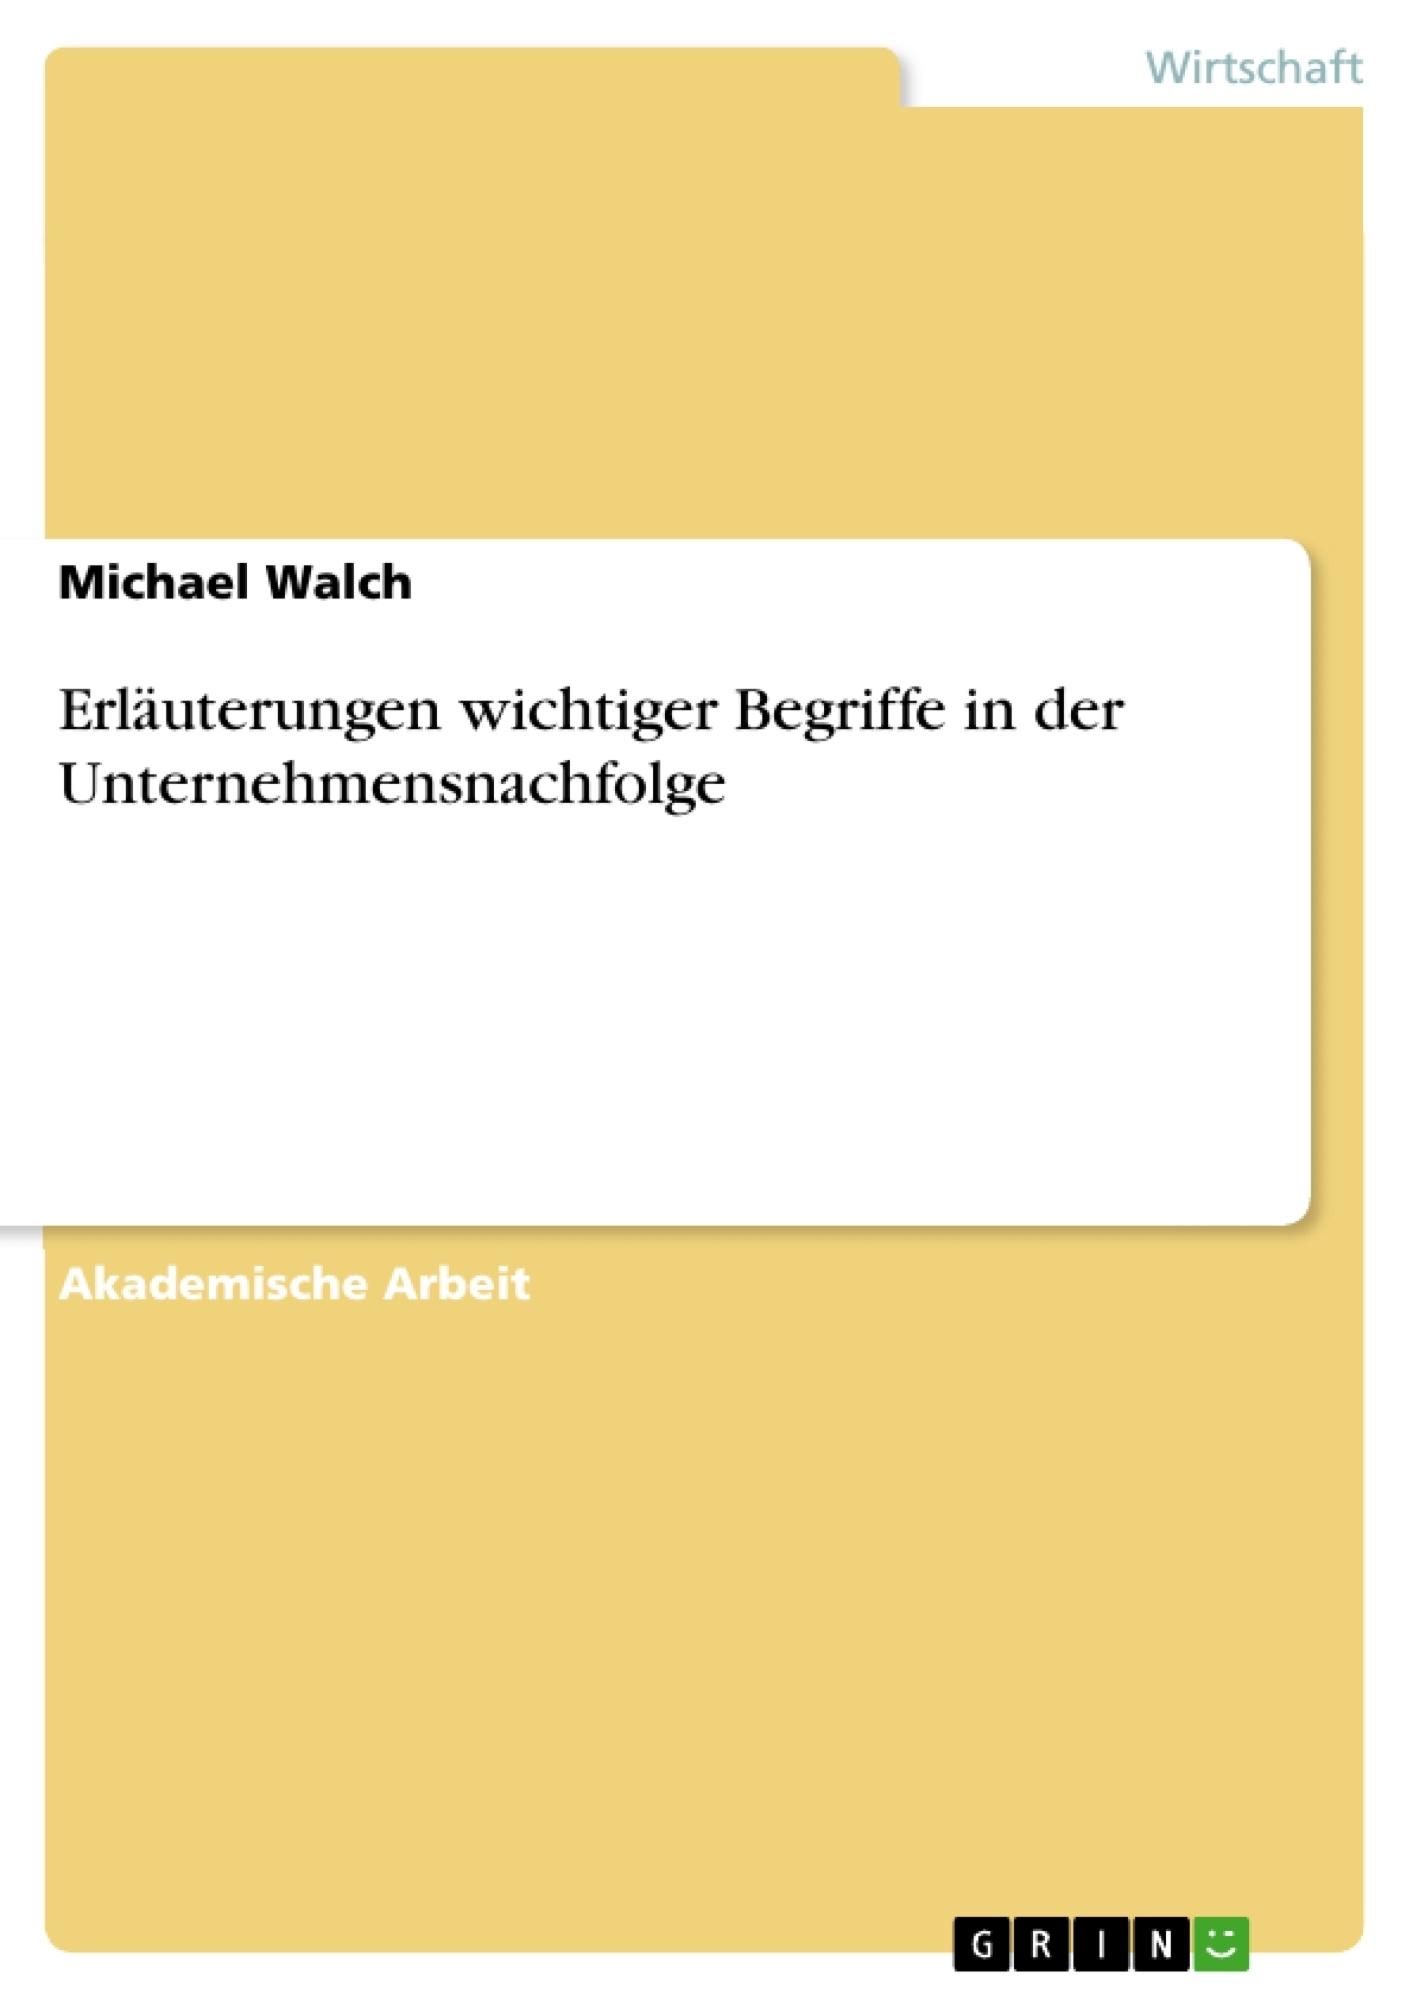 Titel: Erläuterungen wichtiger Begriffe in der Unternehmensnachfolge